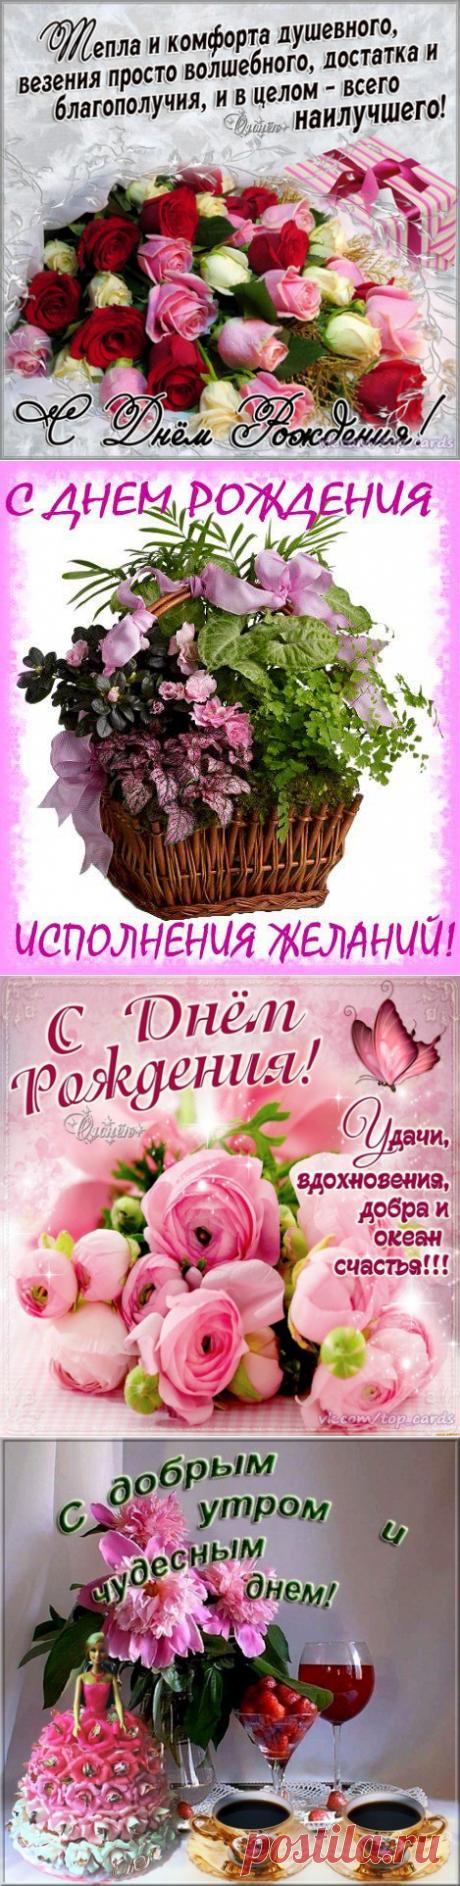 Галина Федорова